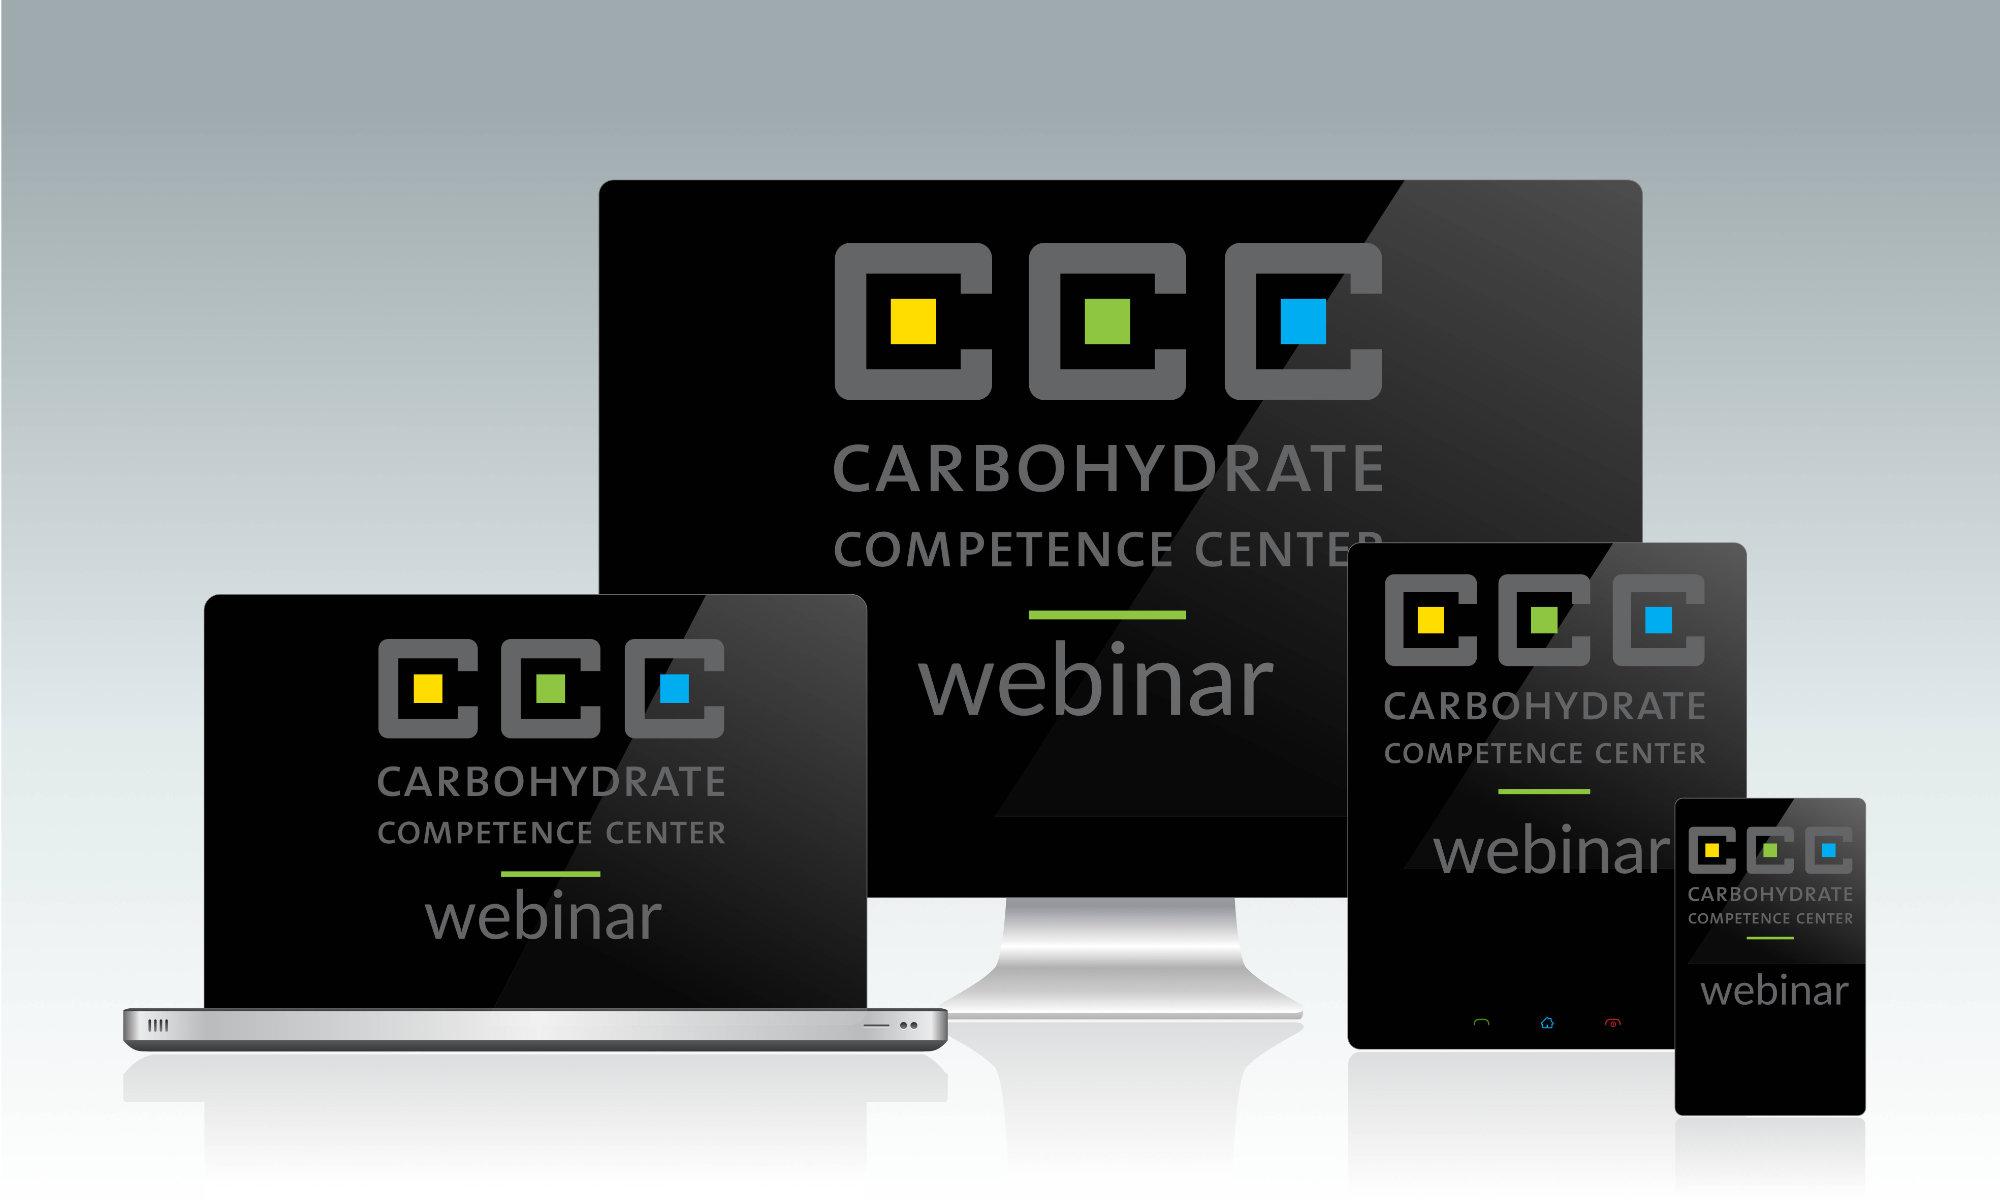 CCC Webinar RAN E-Consult